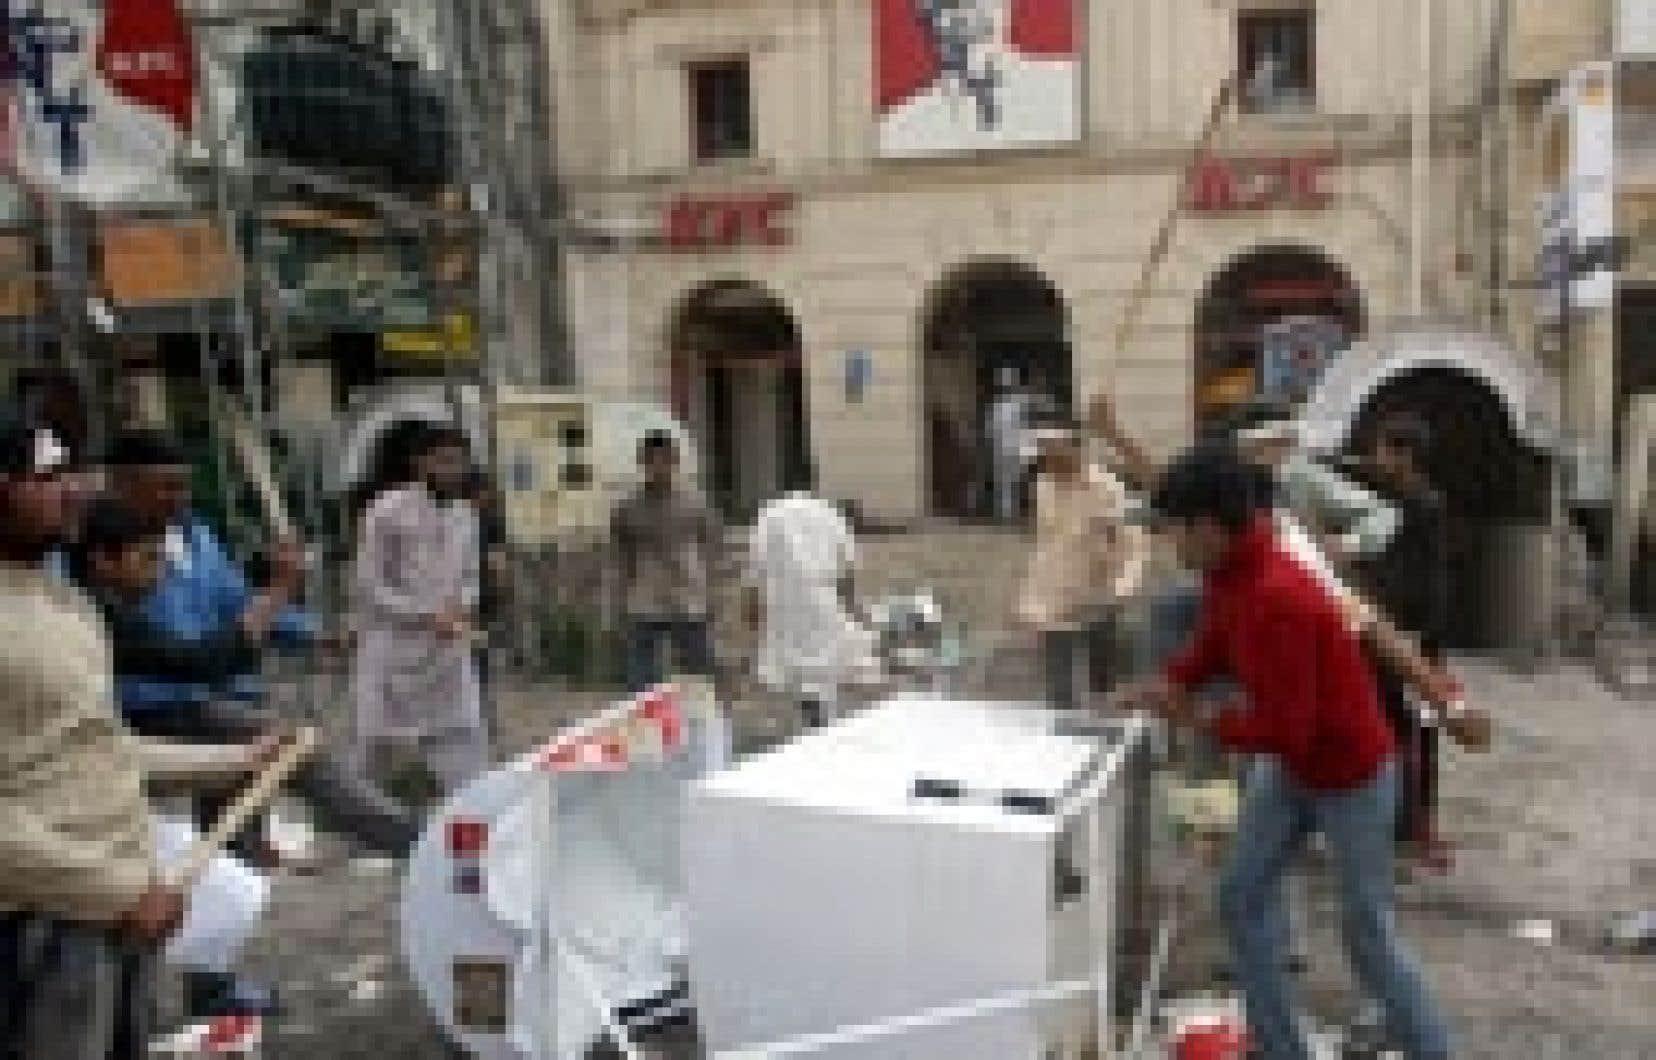 Les manifestations anti-occidentales se sont poursuivies hier dans plusieurs pays, notamment au Pakistan: des musulmans outrés qu'on ait caricaturé le prophète Mahomet ont vandalisé un restaurant de la chaîne PFK.